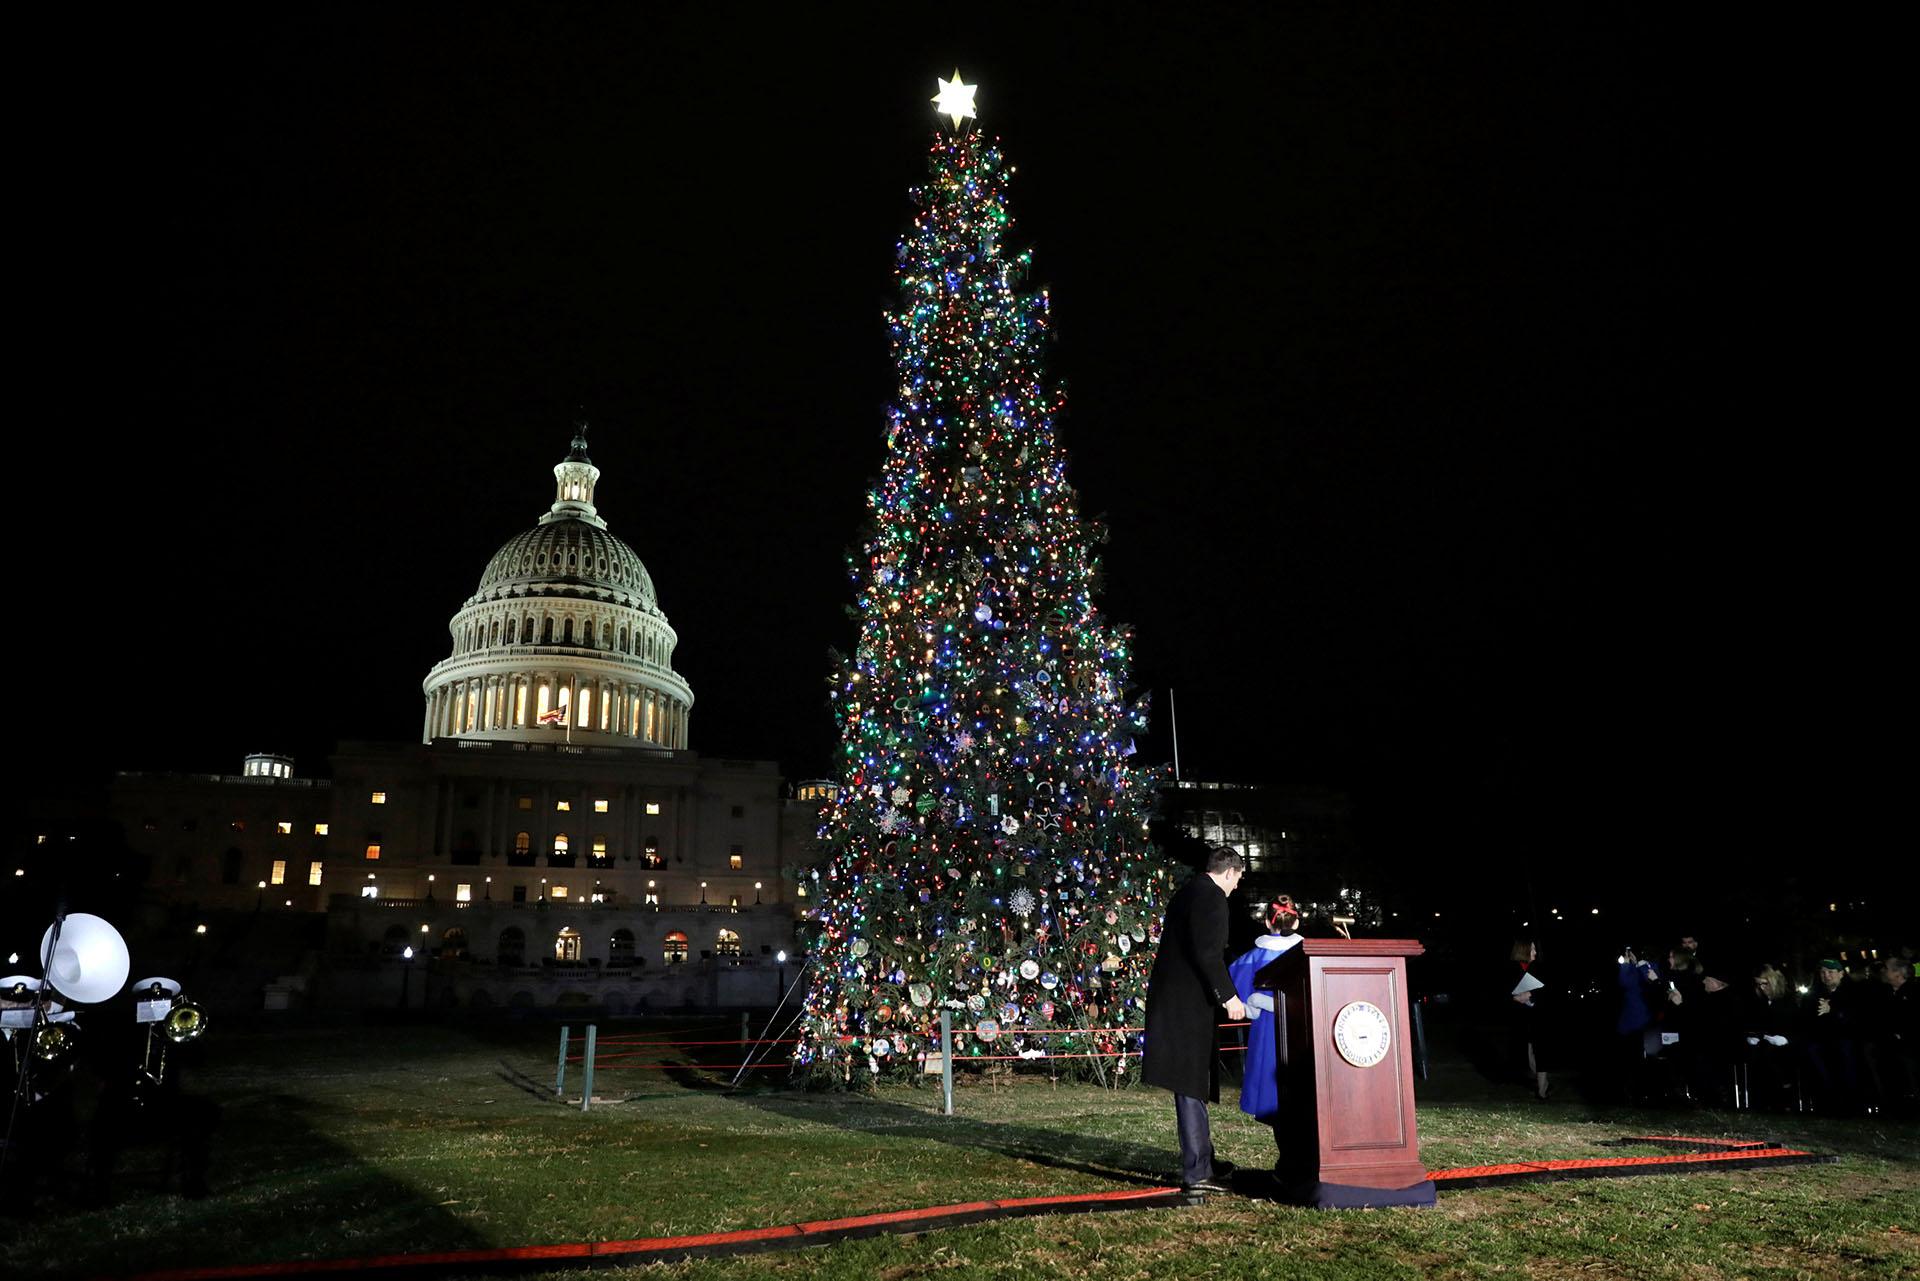 El árbol de Navidad en los jardines frente al capitolio en Washington